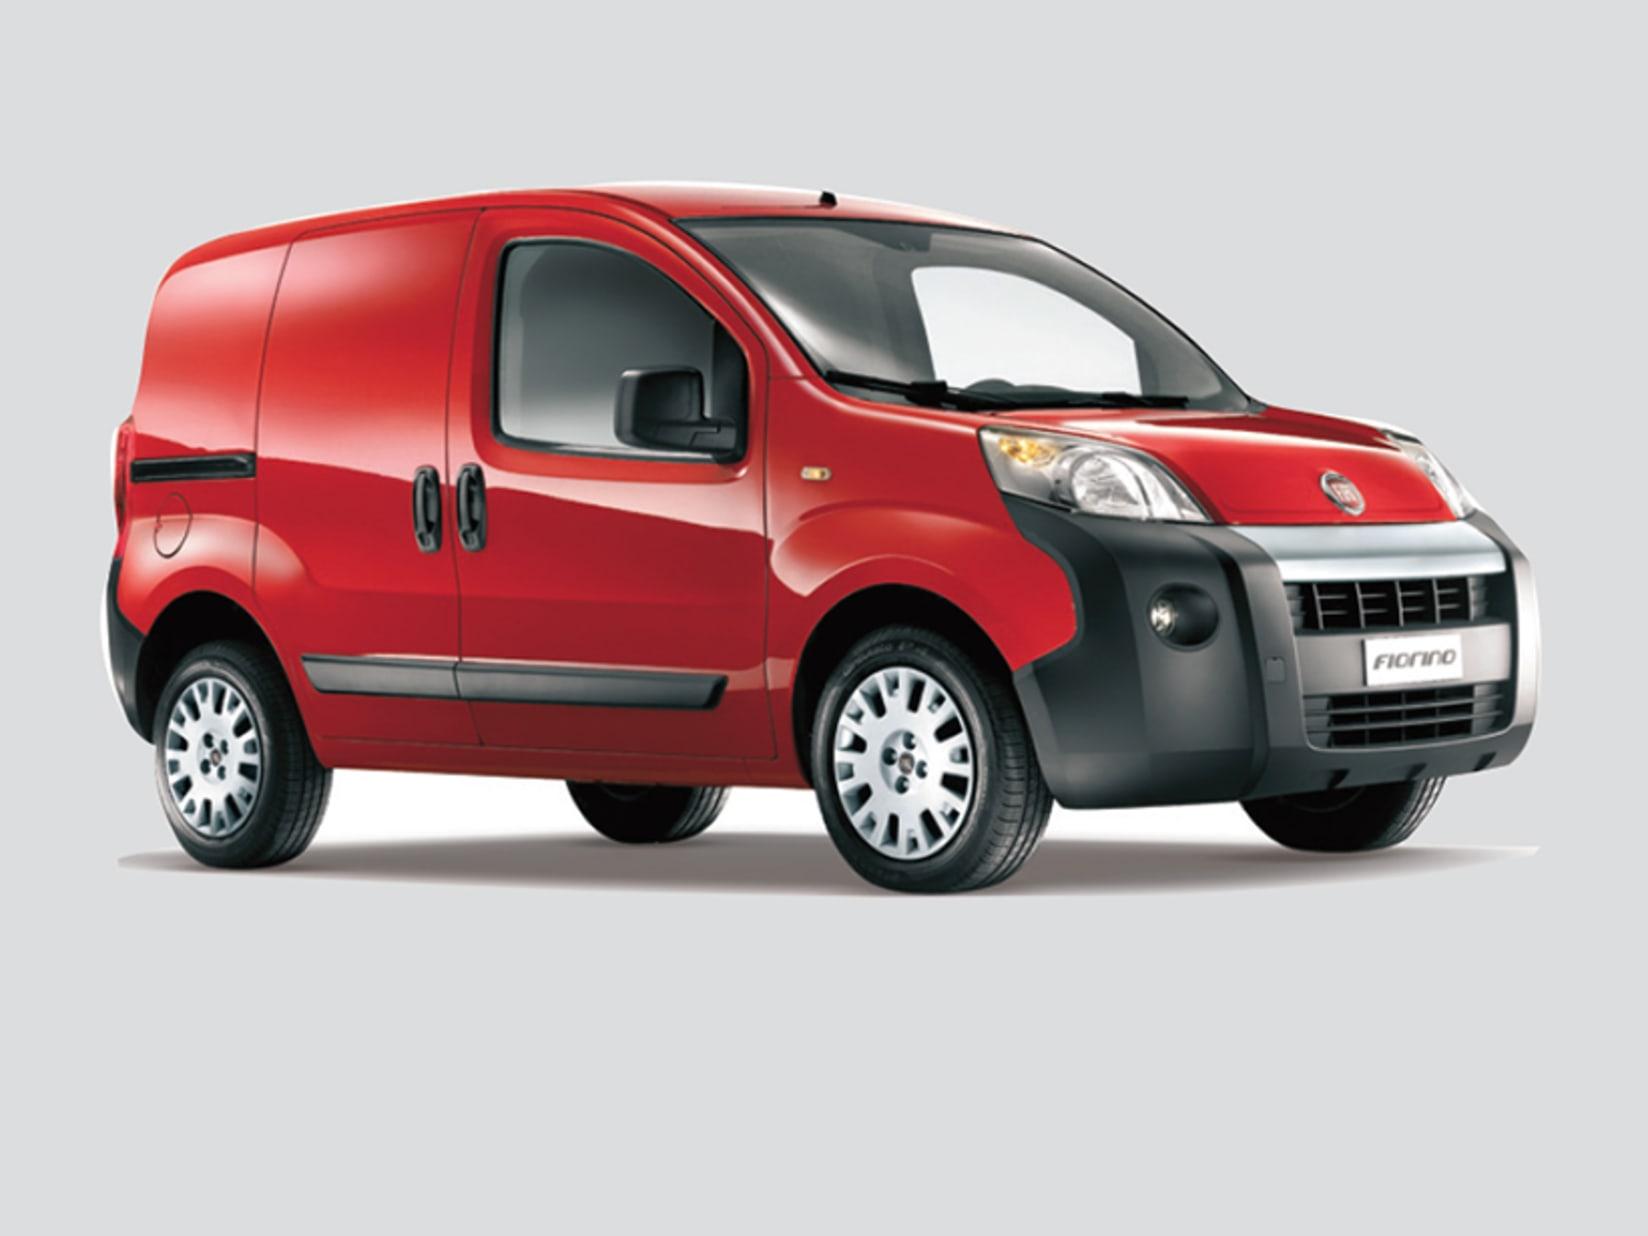 db5af8ebff5f69 New Fiat Fiorino Van Offer